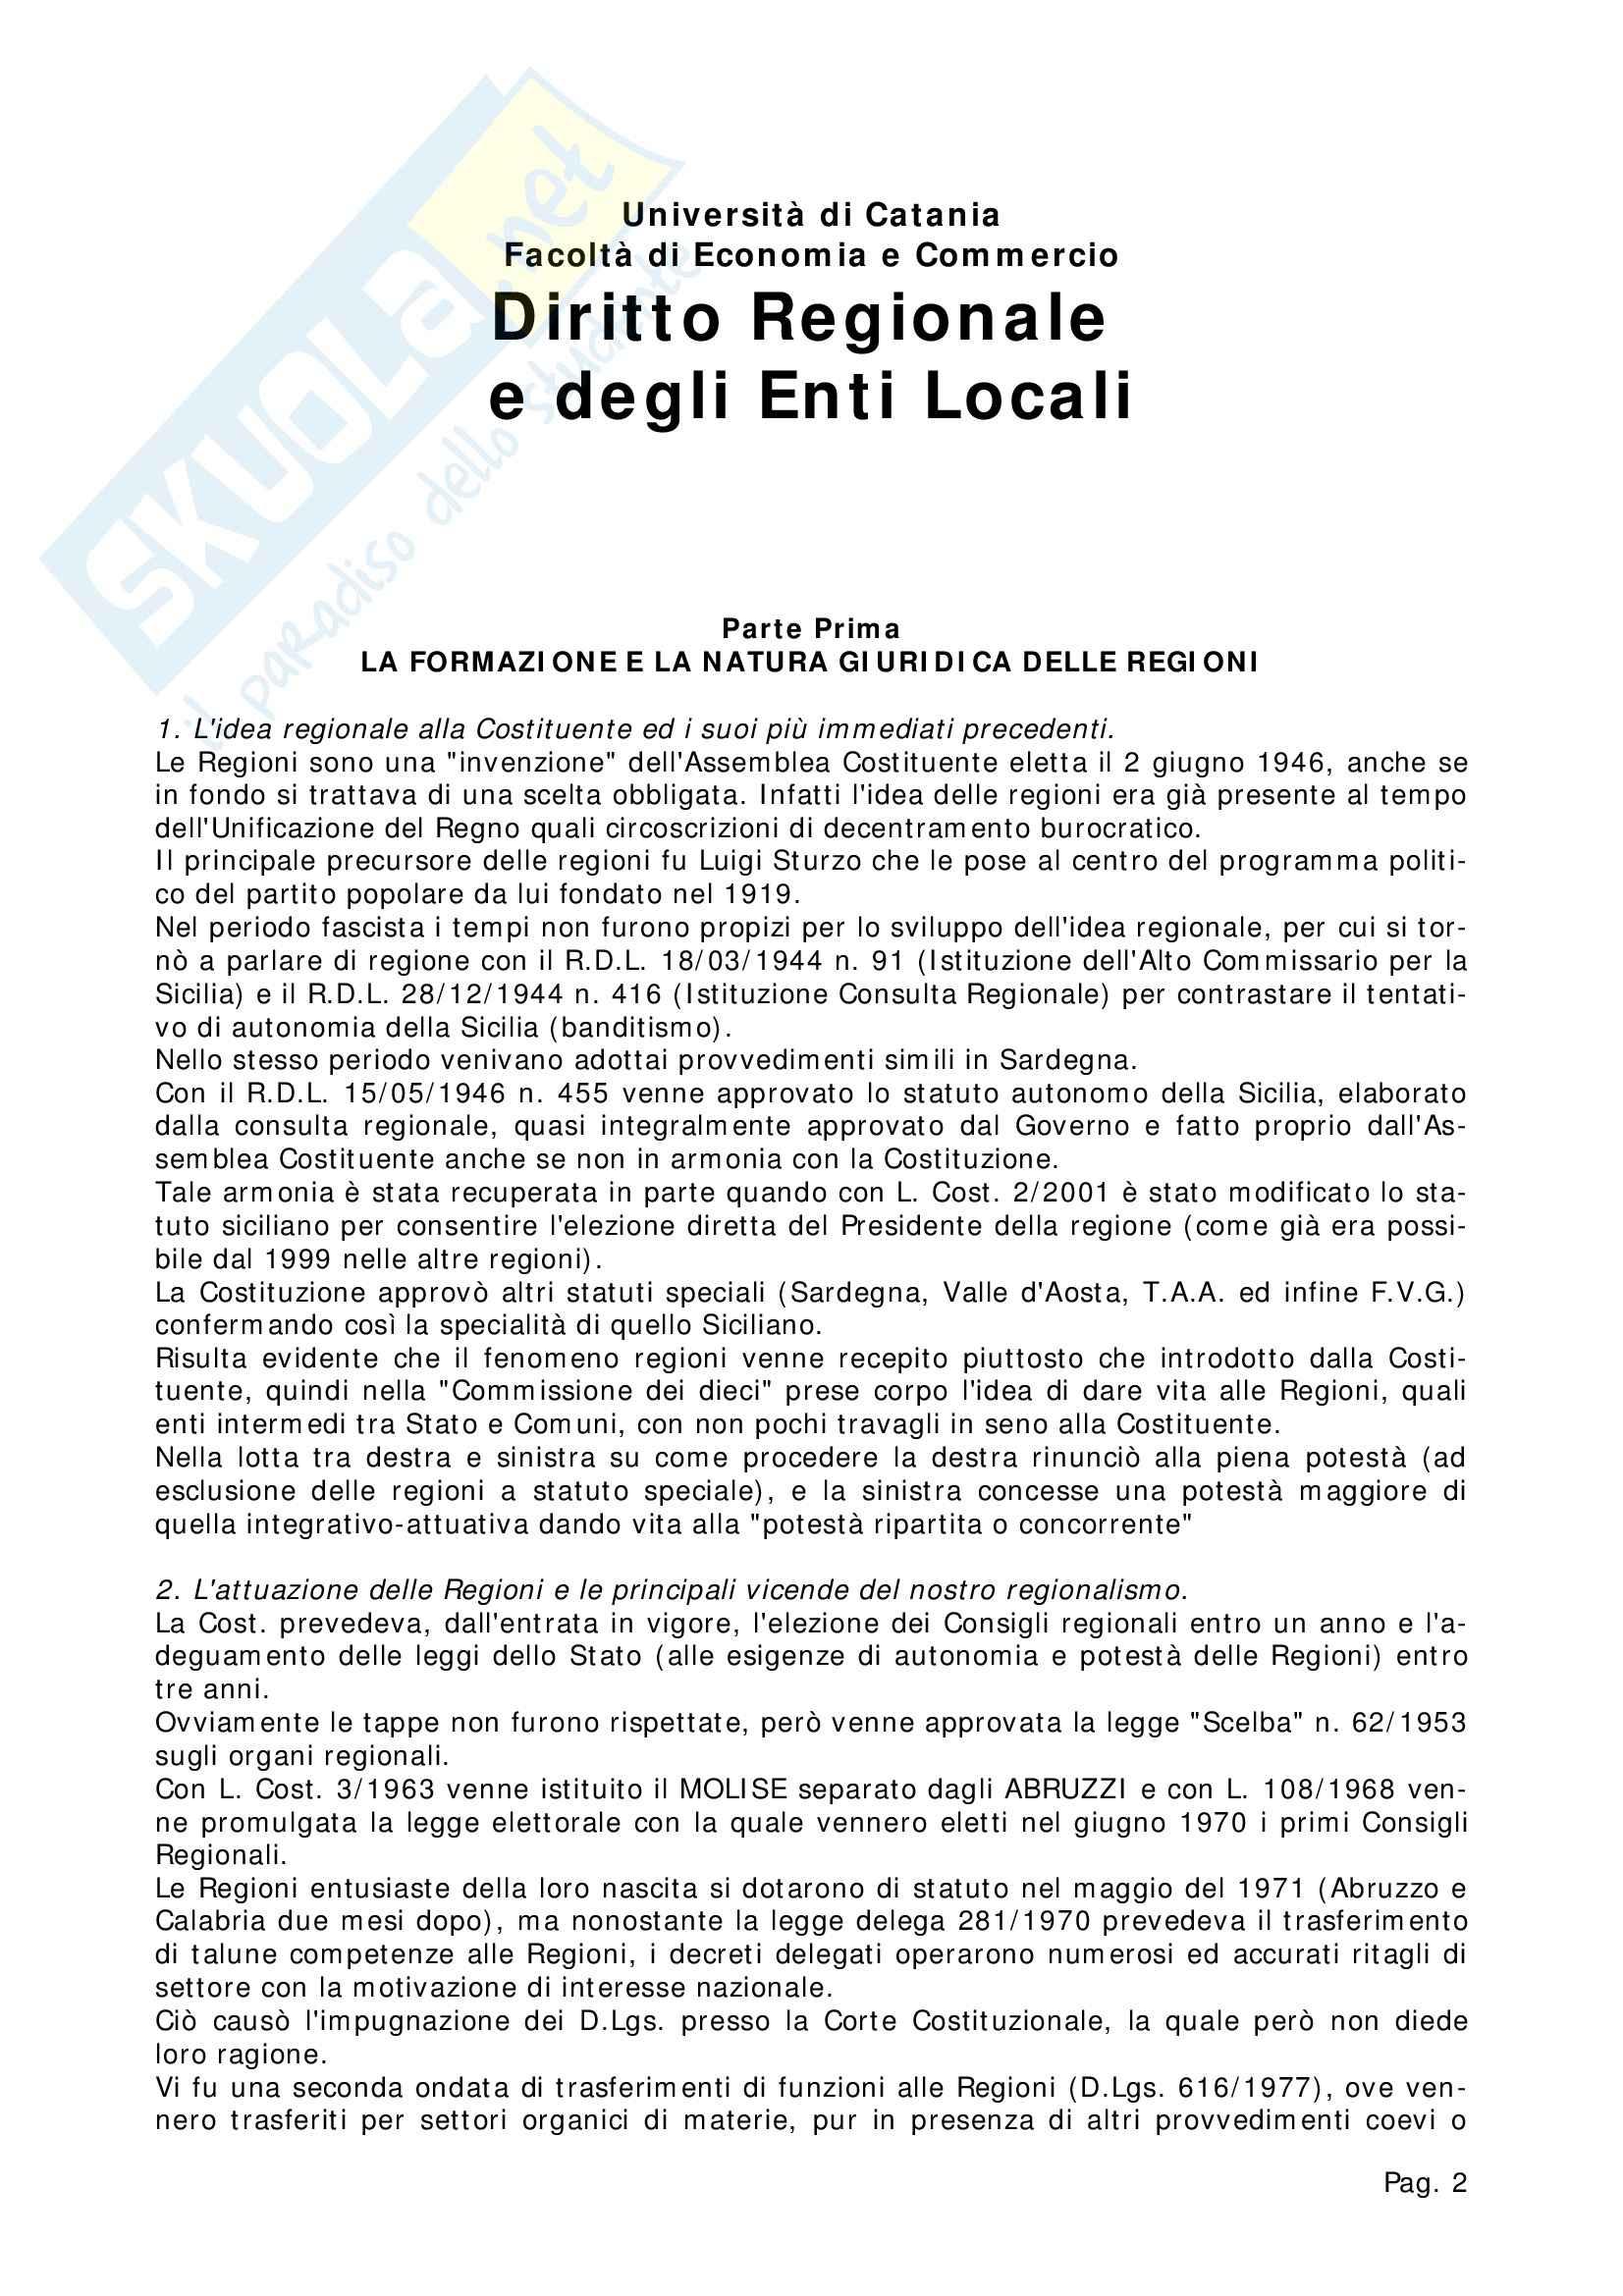 appunto G. Chiara Diritto Regionale  e degli Enti Locali